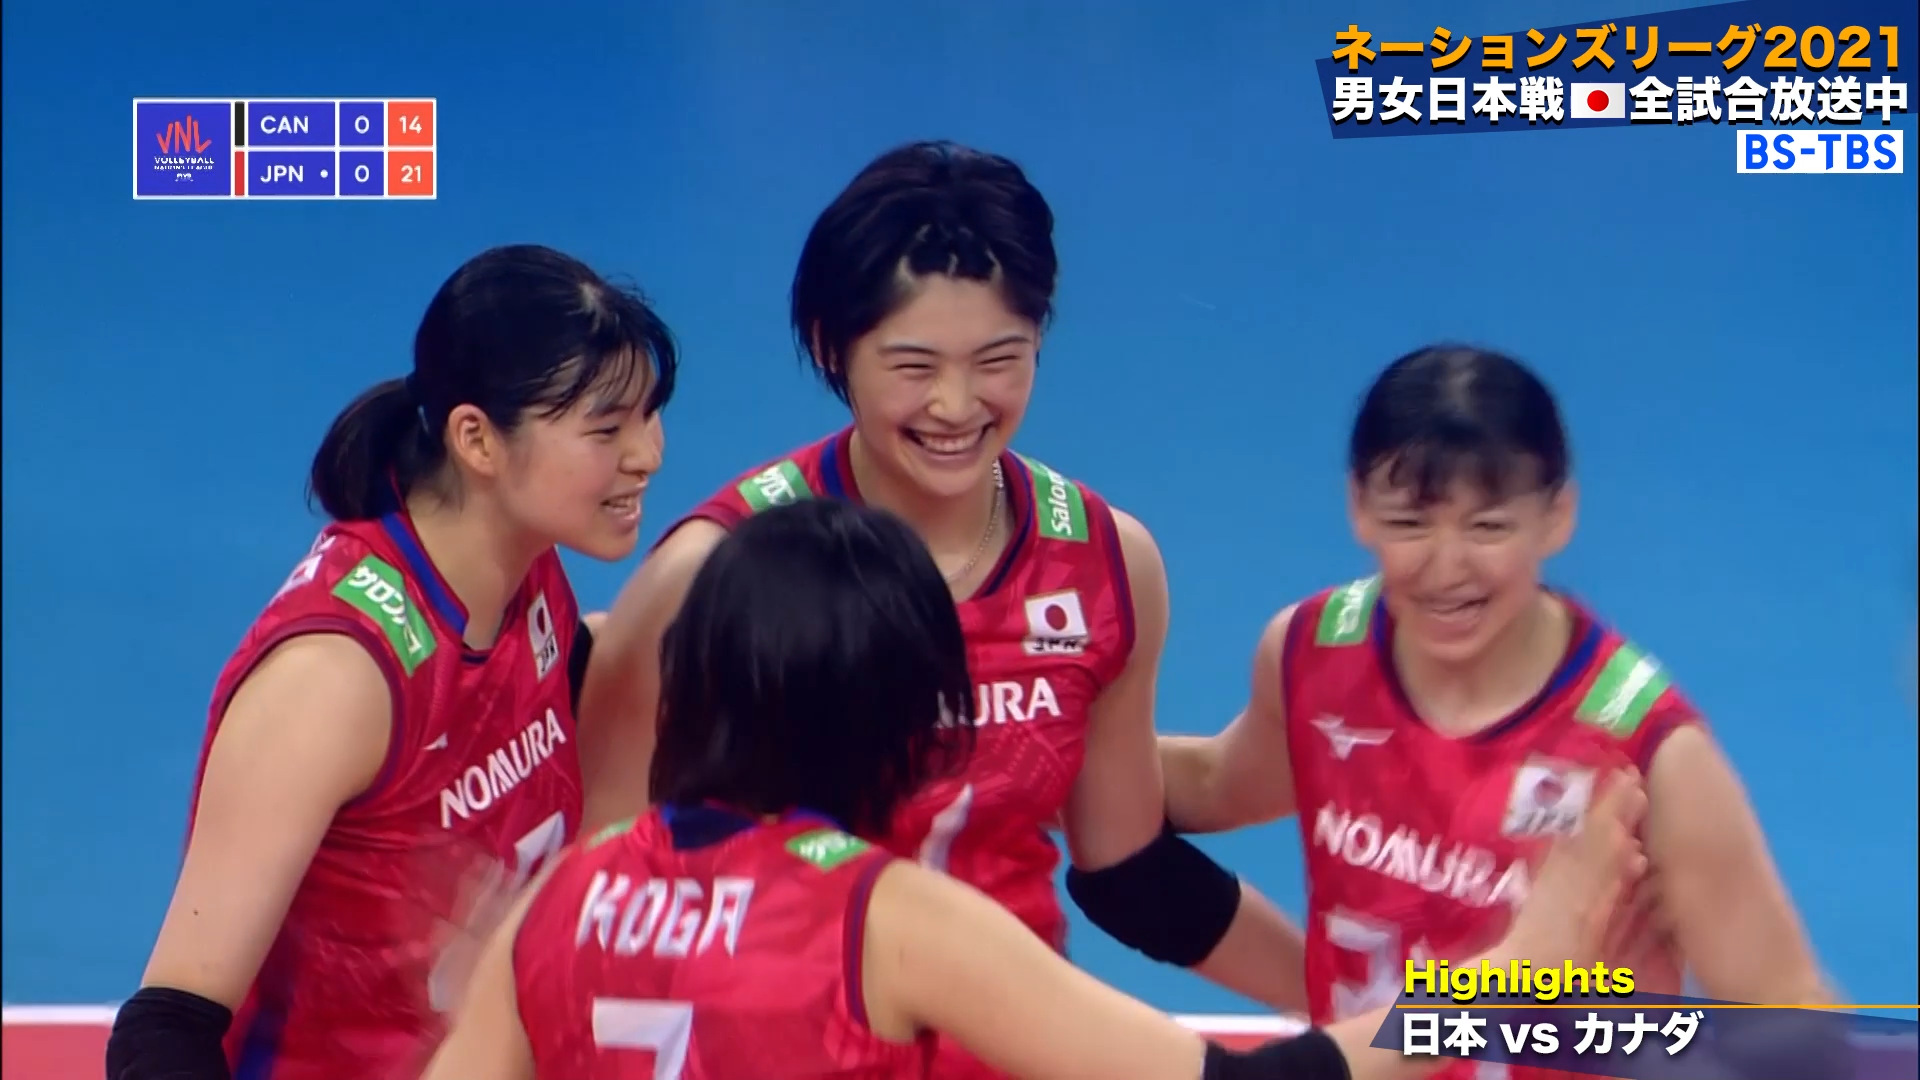 バレーボールネーションズリーグ 女子日本、21年ぶり対戦のカナダにストレート勝ち【ハイライト】